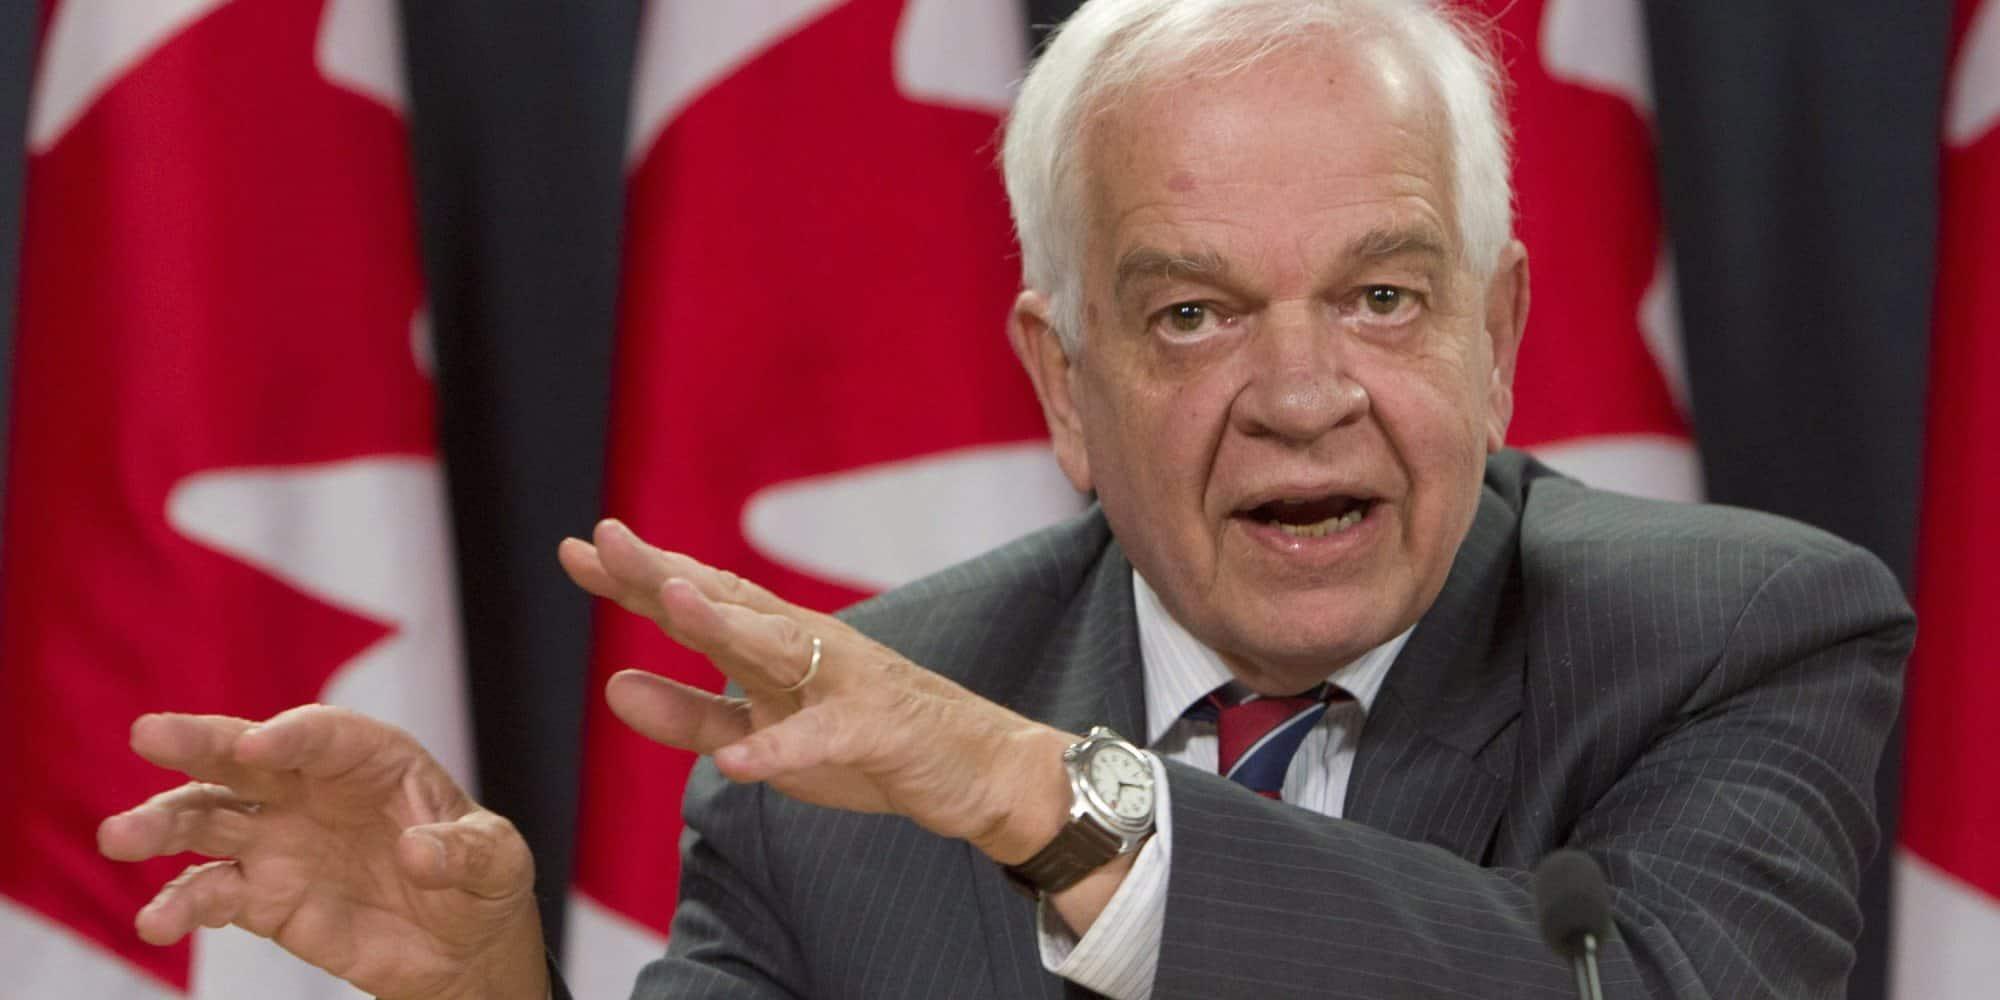 Gobierno de Canadá busca anular restricciones para inmigrantes en nuevas reformas.